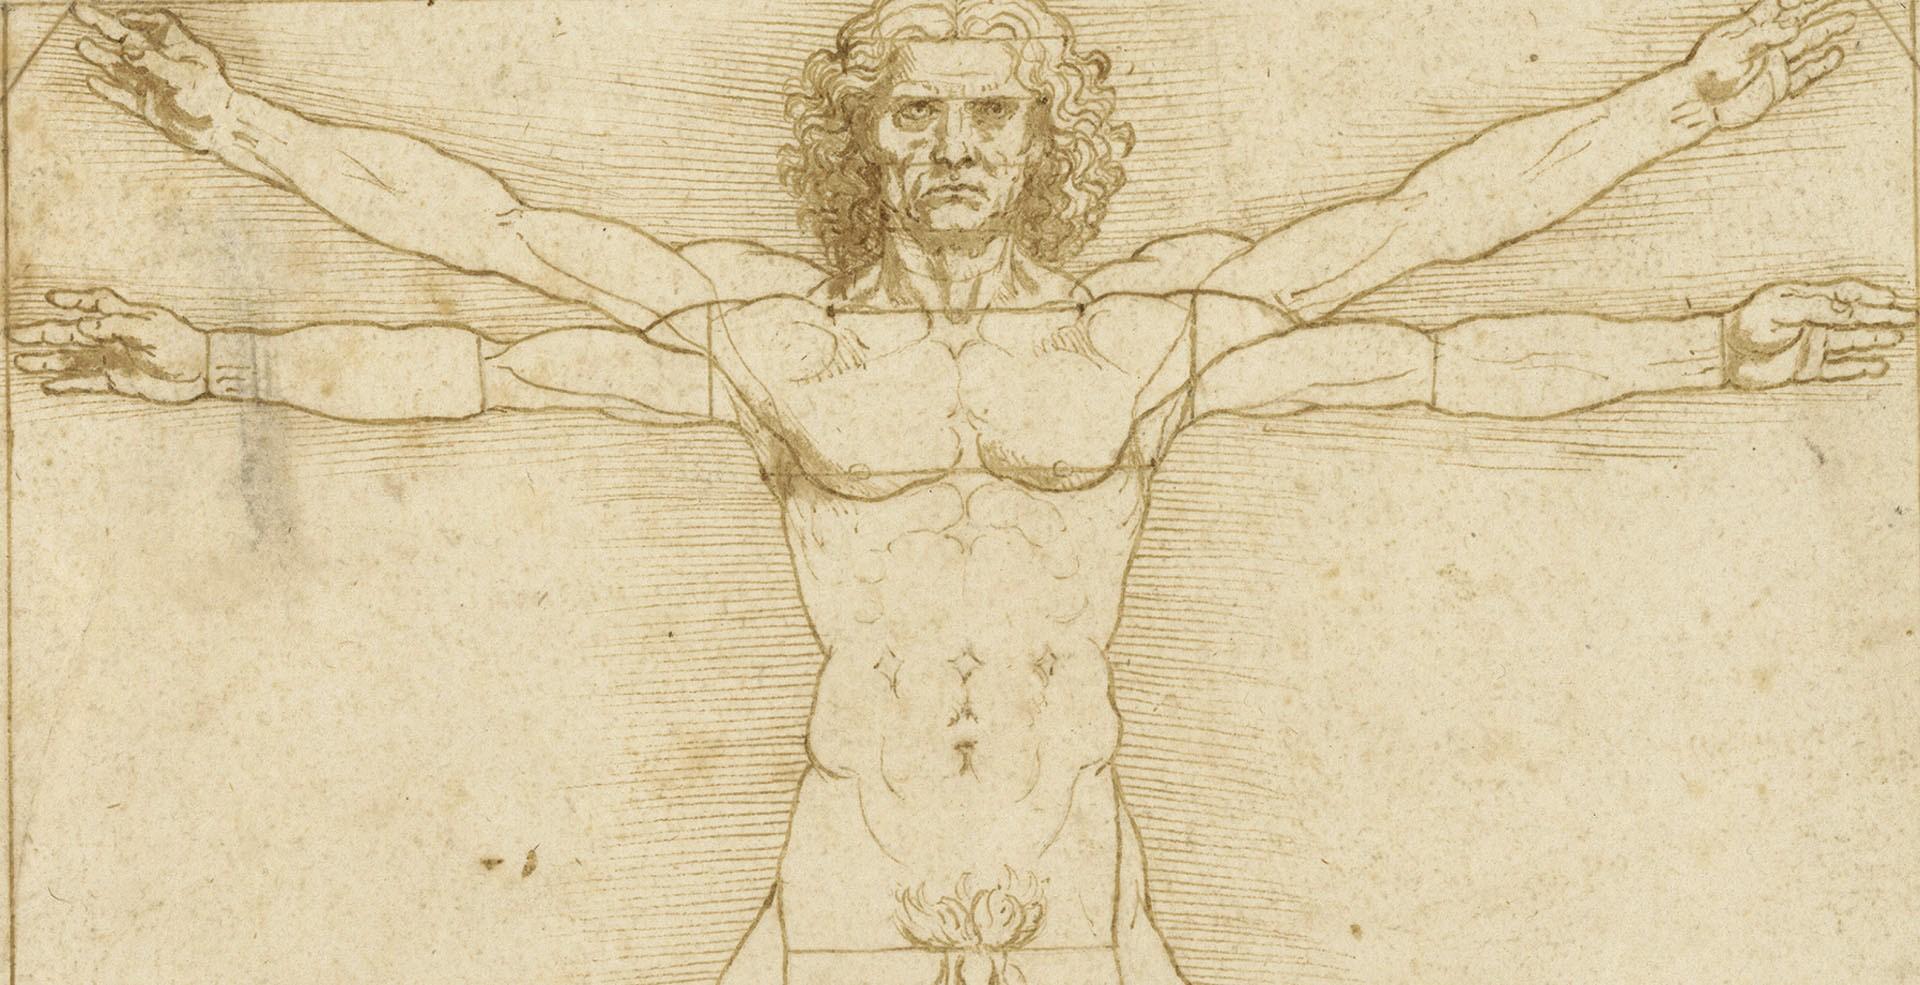 L'Uomo Vitruviano può andare al Louvre. Il Tar del Veneto boccia il ricorso di Italia Nostra